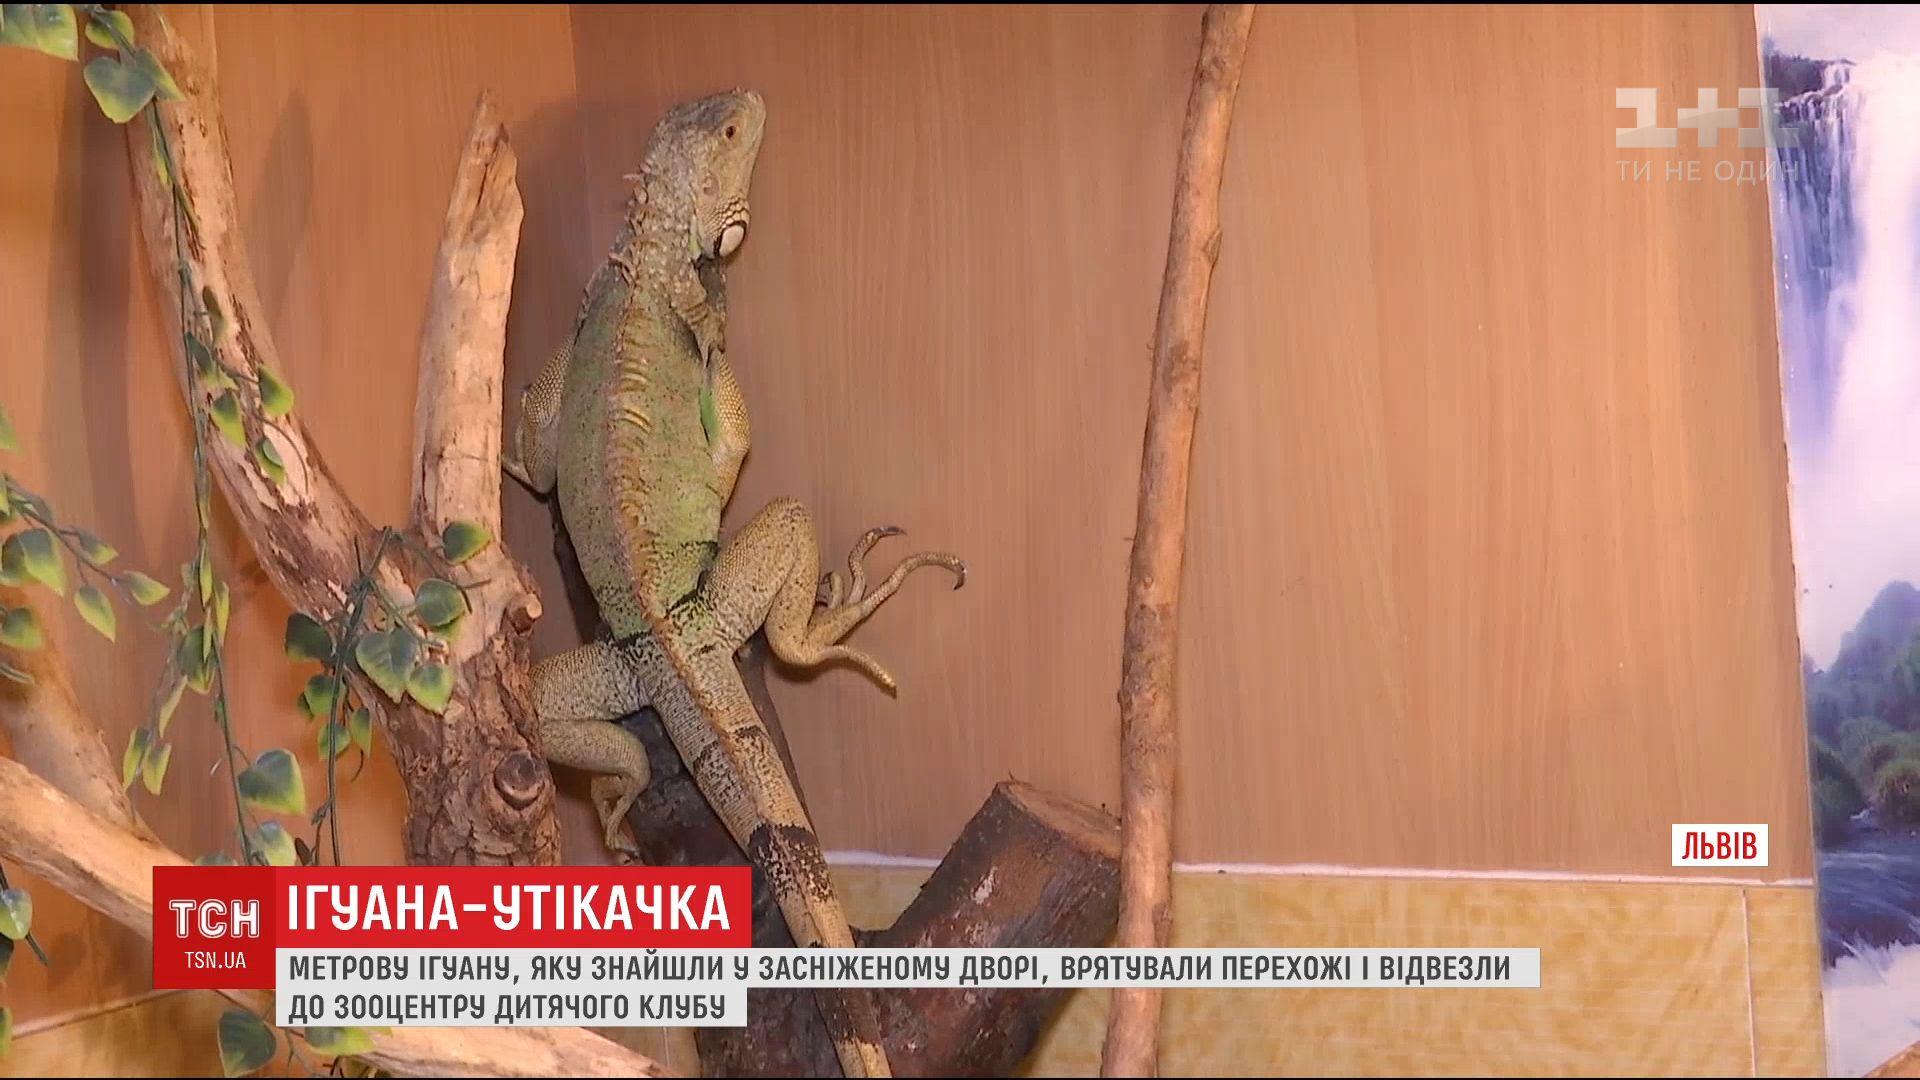 Во Львове возле мусорника нашли метровую ящерицу / скриншот